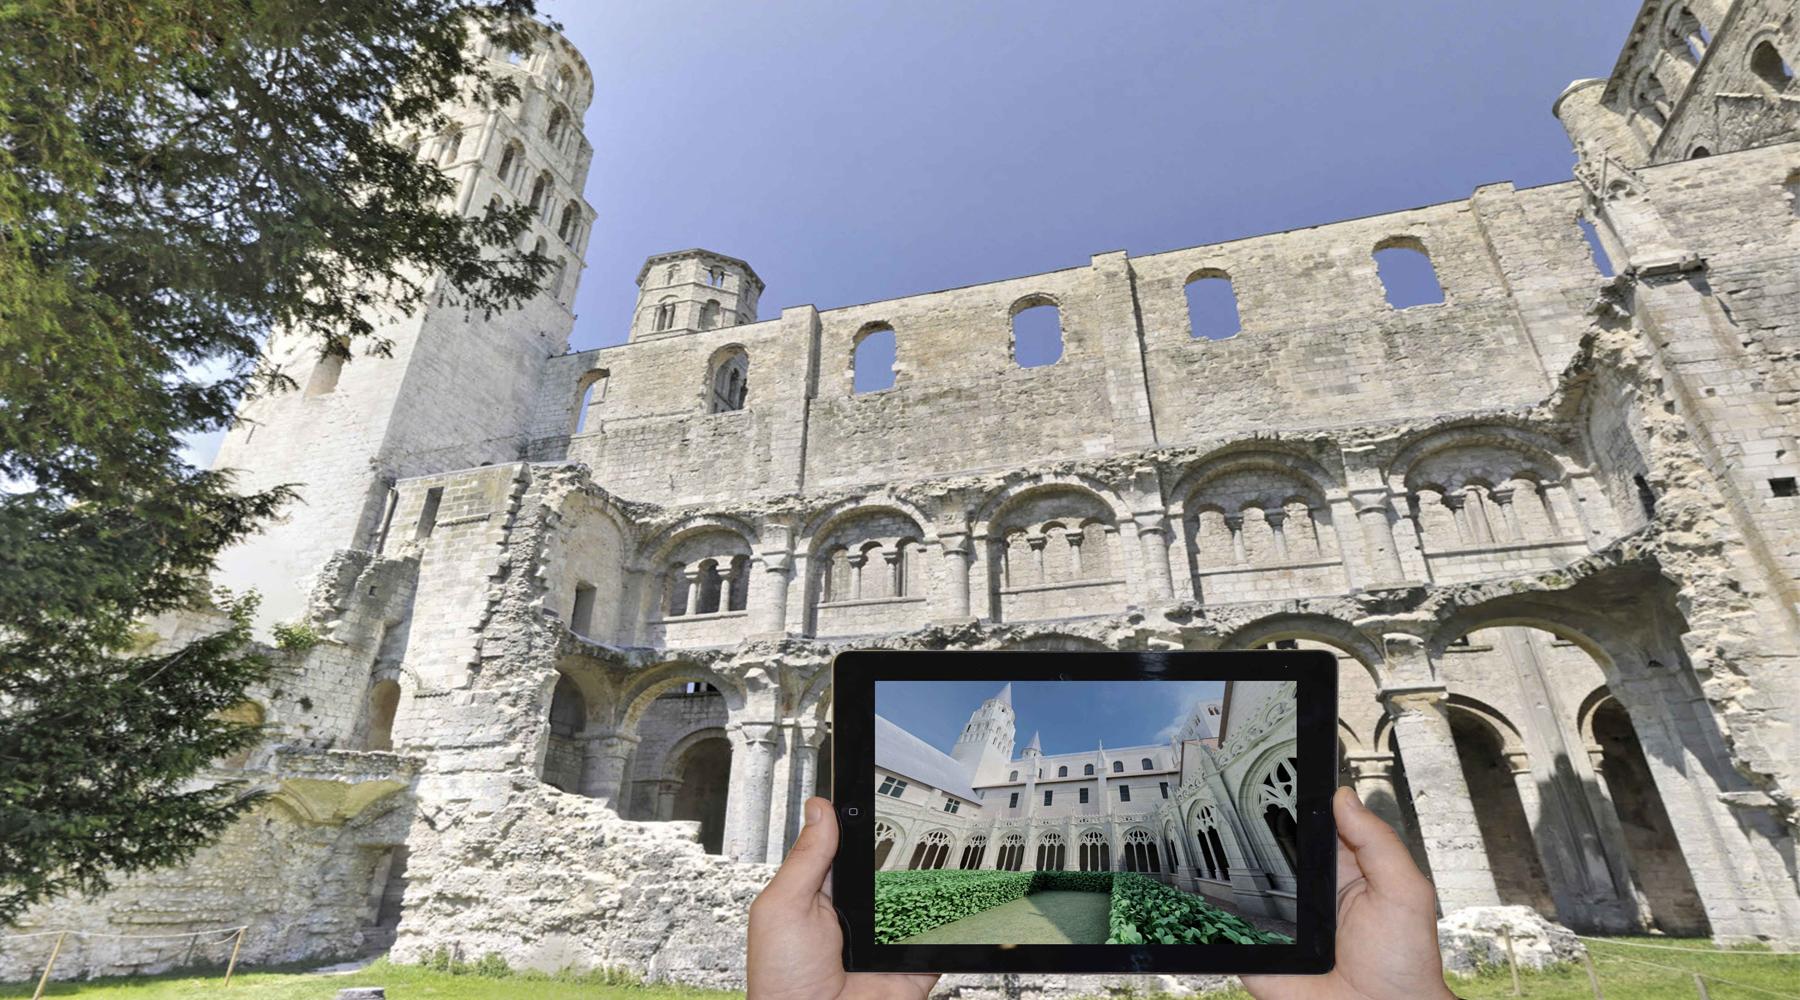 Augmented reality applications - Art Graphique et Patrimoine